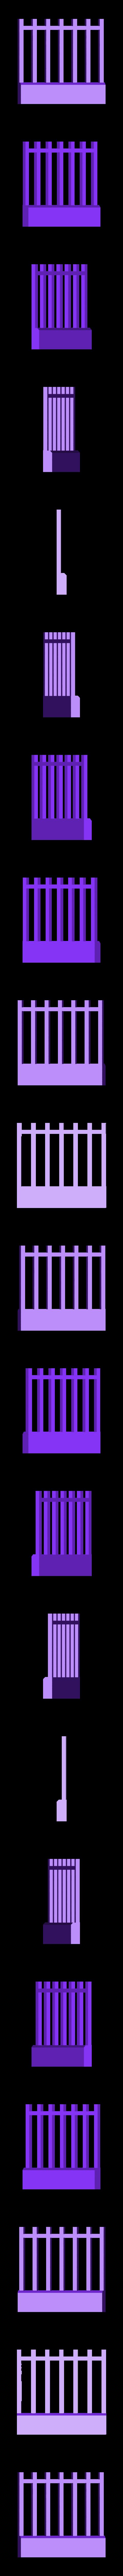 nick2_raila_1.stl Télécharger fichier STL gratuit Ripper's London - The Nick • Plan pour imprimante 3D, Earsling